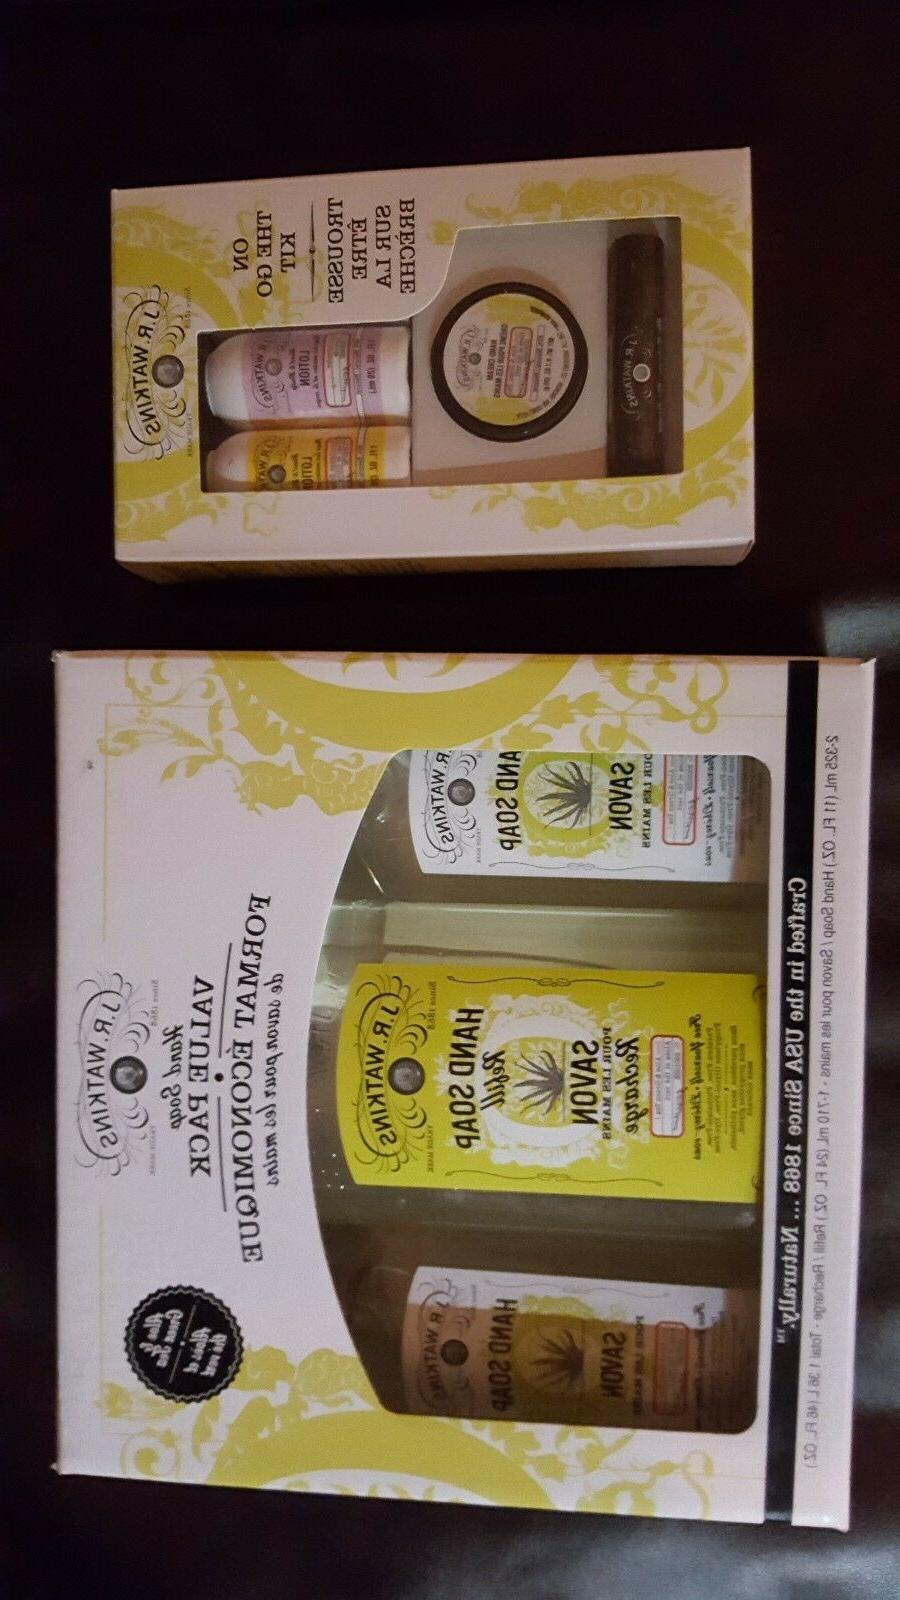 J.R. hand soap Kit &